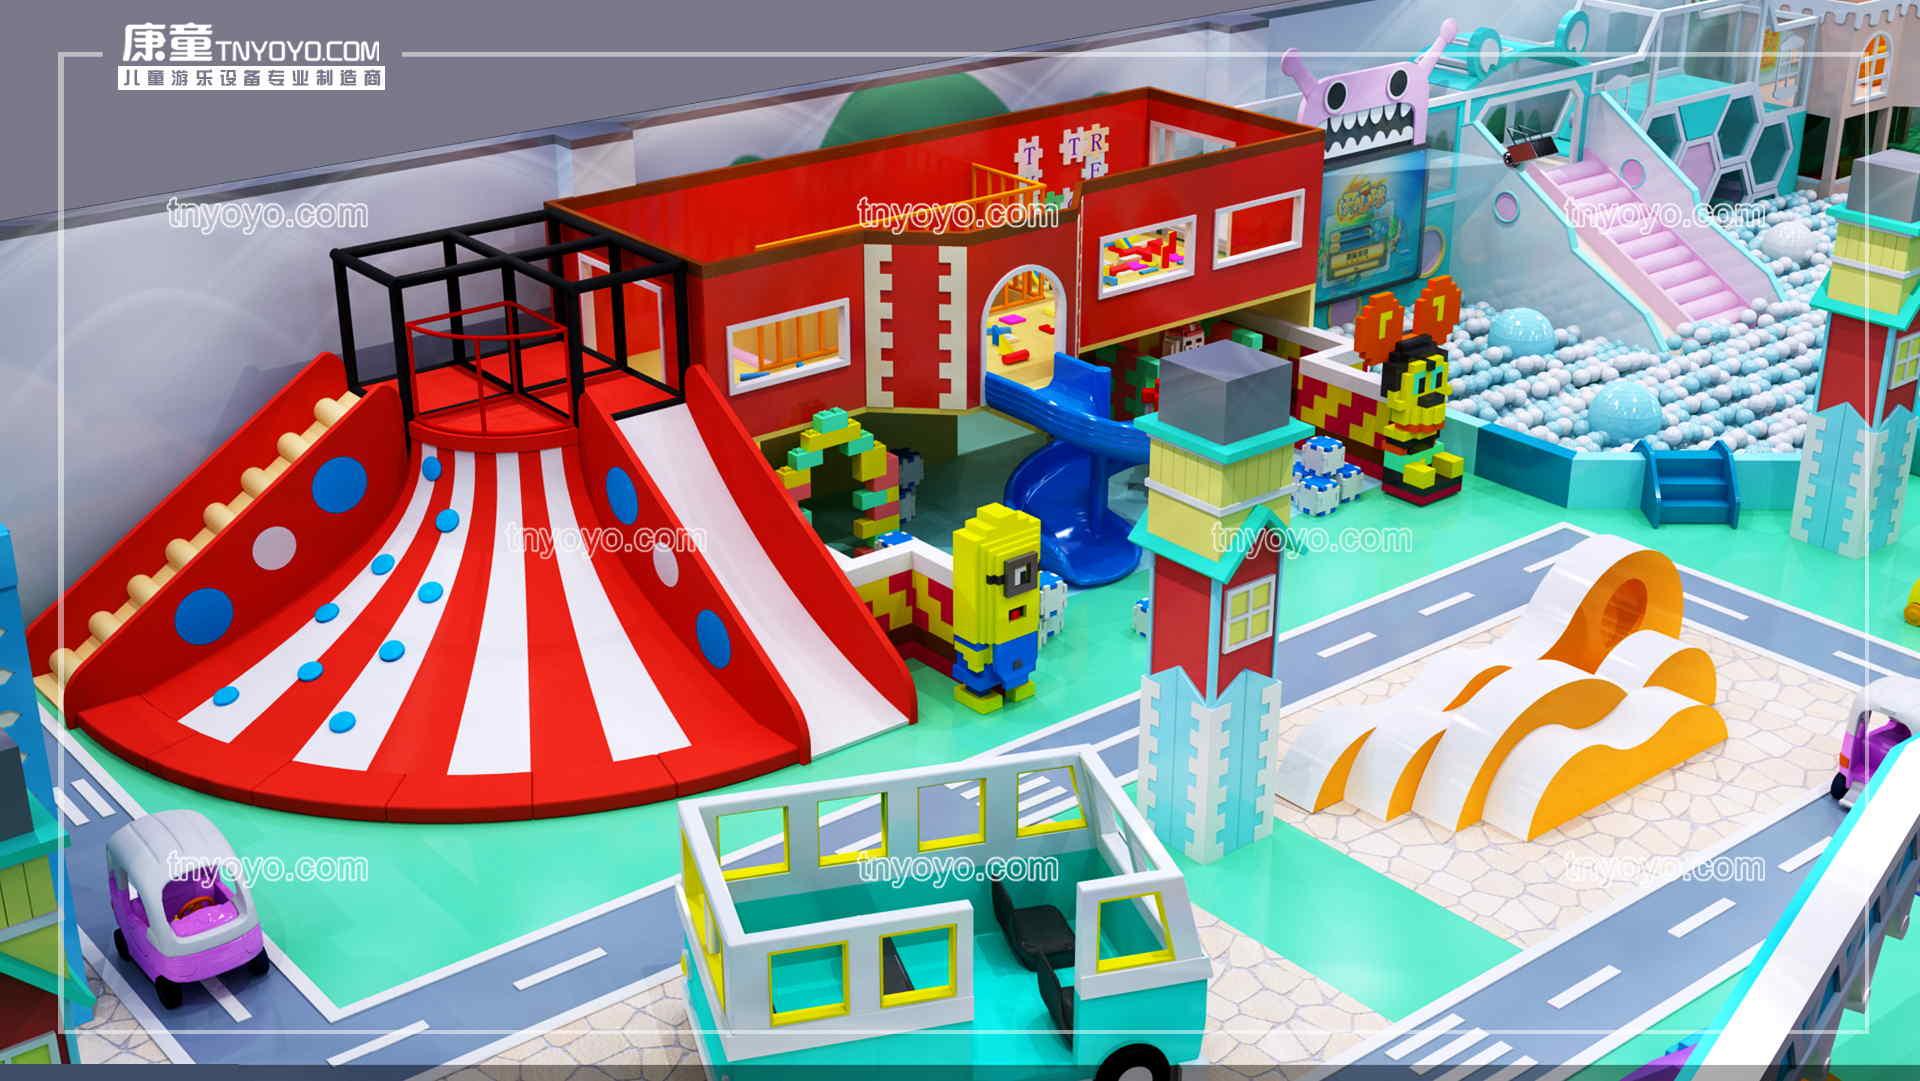 在三線城市開一個小型淘氣堡樂園要多少錢?